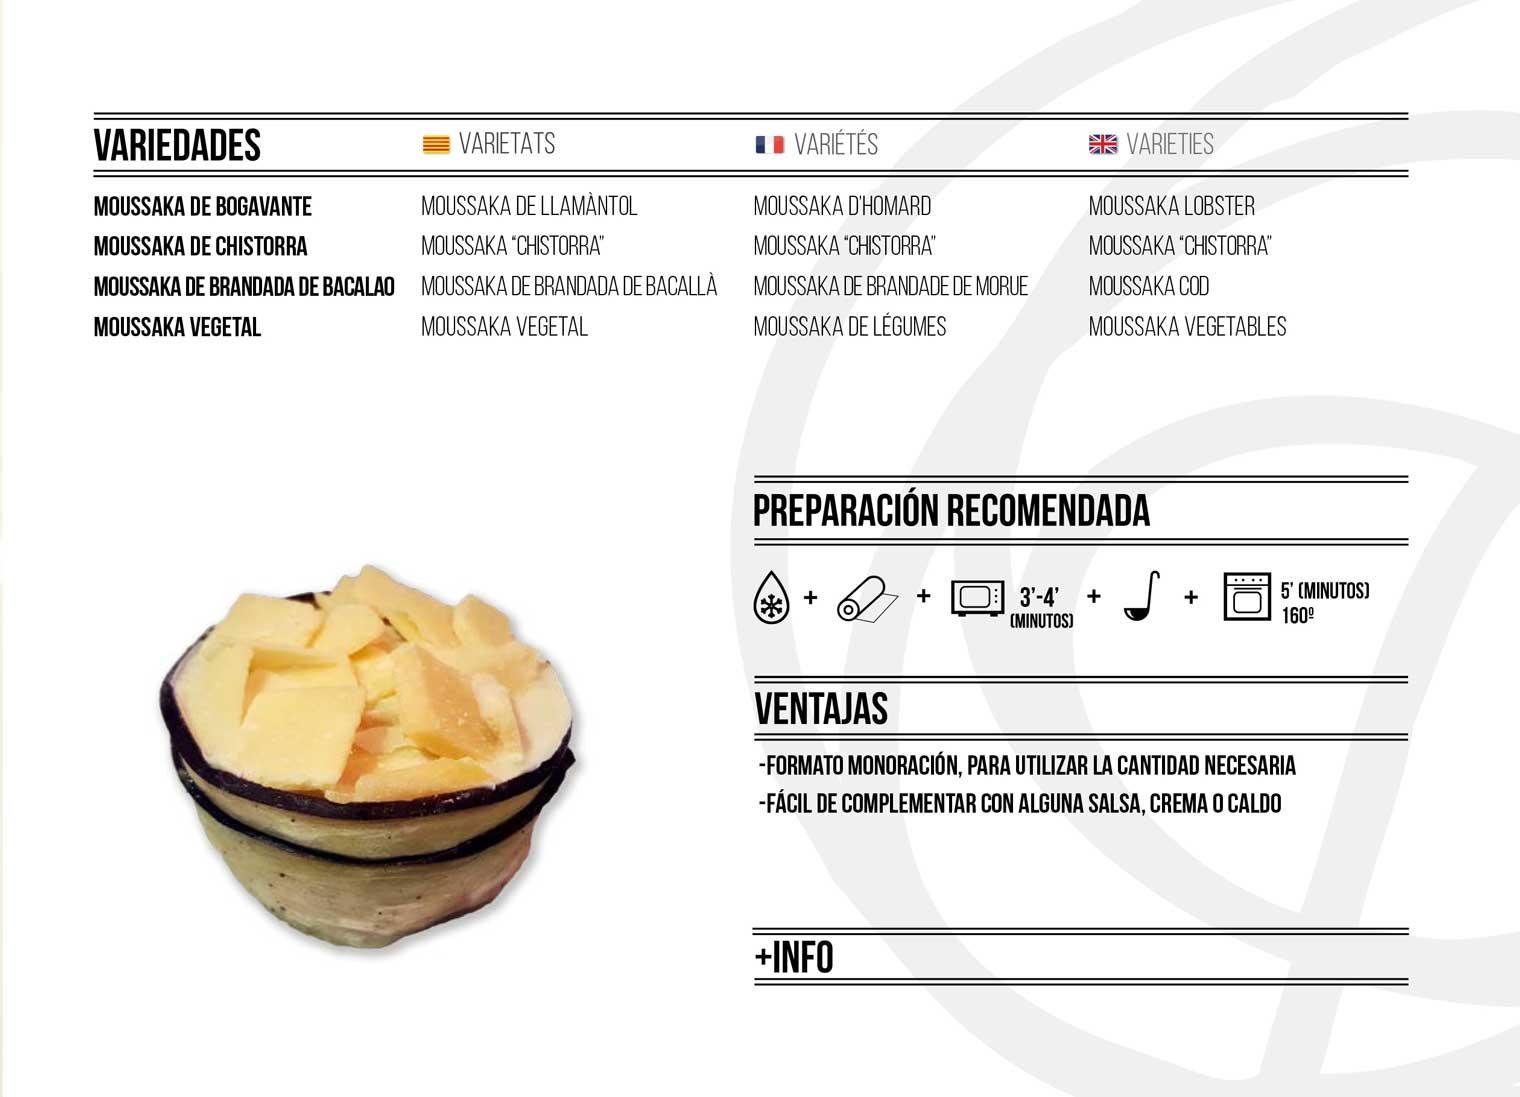 Moussaka descripció catálogo